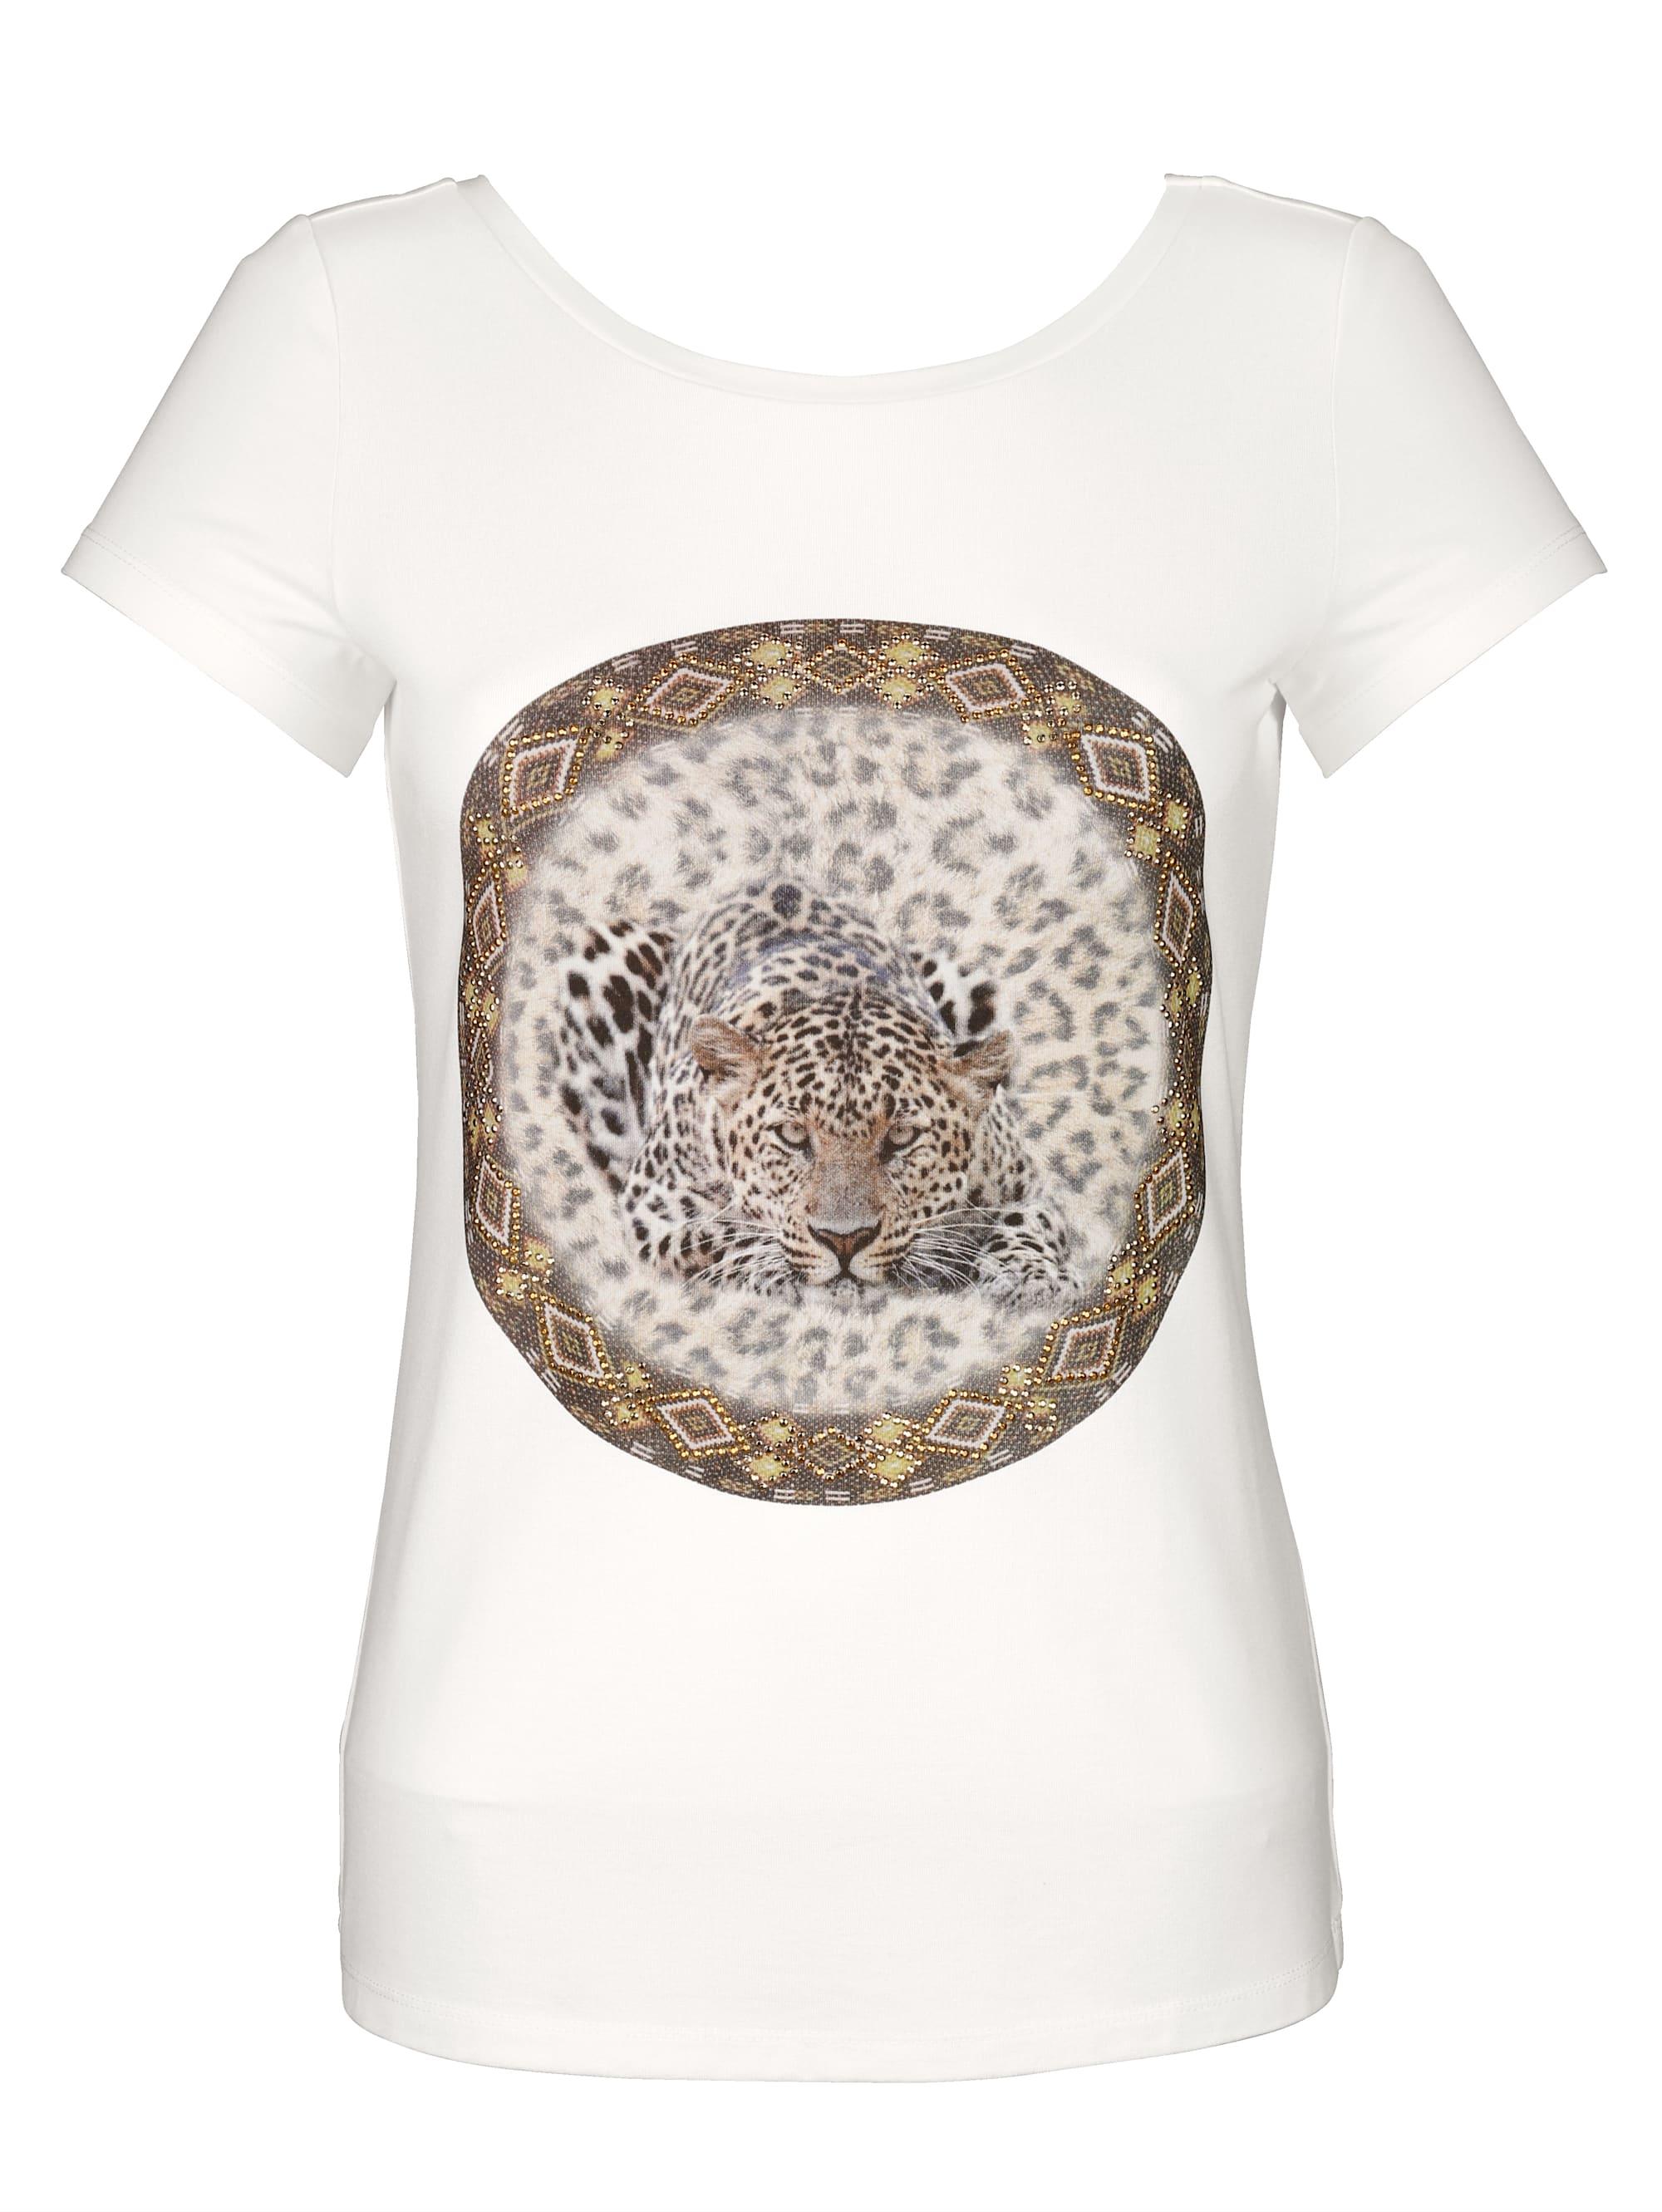 Alba Moda Shirt mit Ziersteinen kwEpN PD7ay